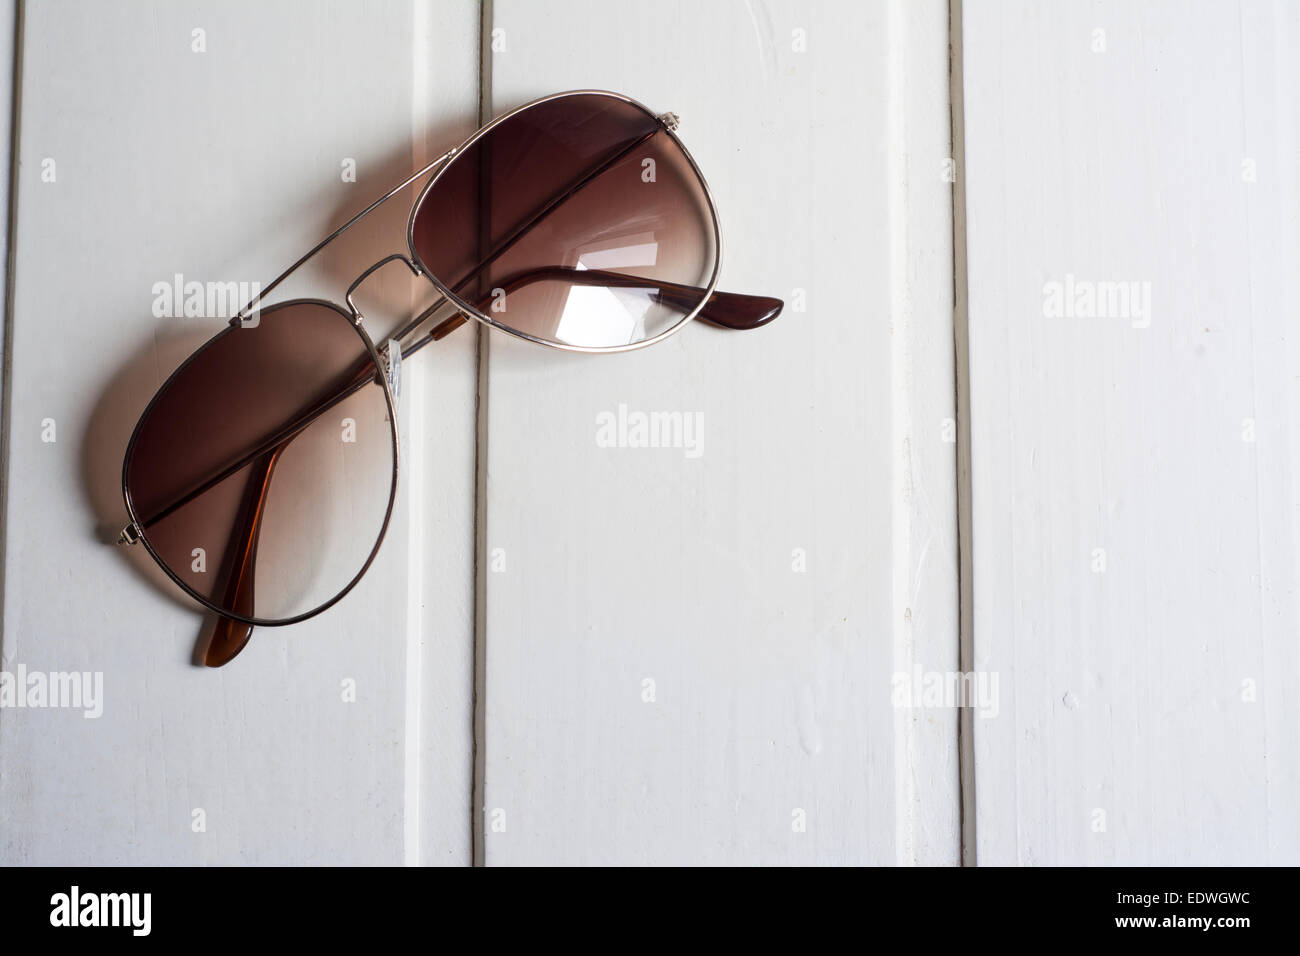 9749b7abec Gafas de sol con cristal marrón sobre fondo blanco de madera Foto ...